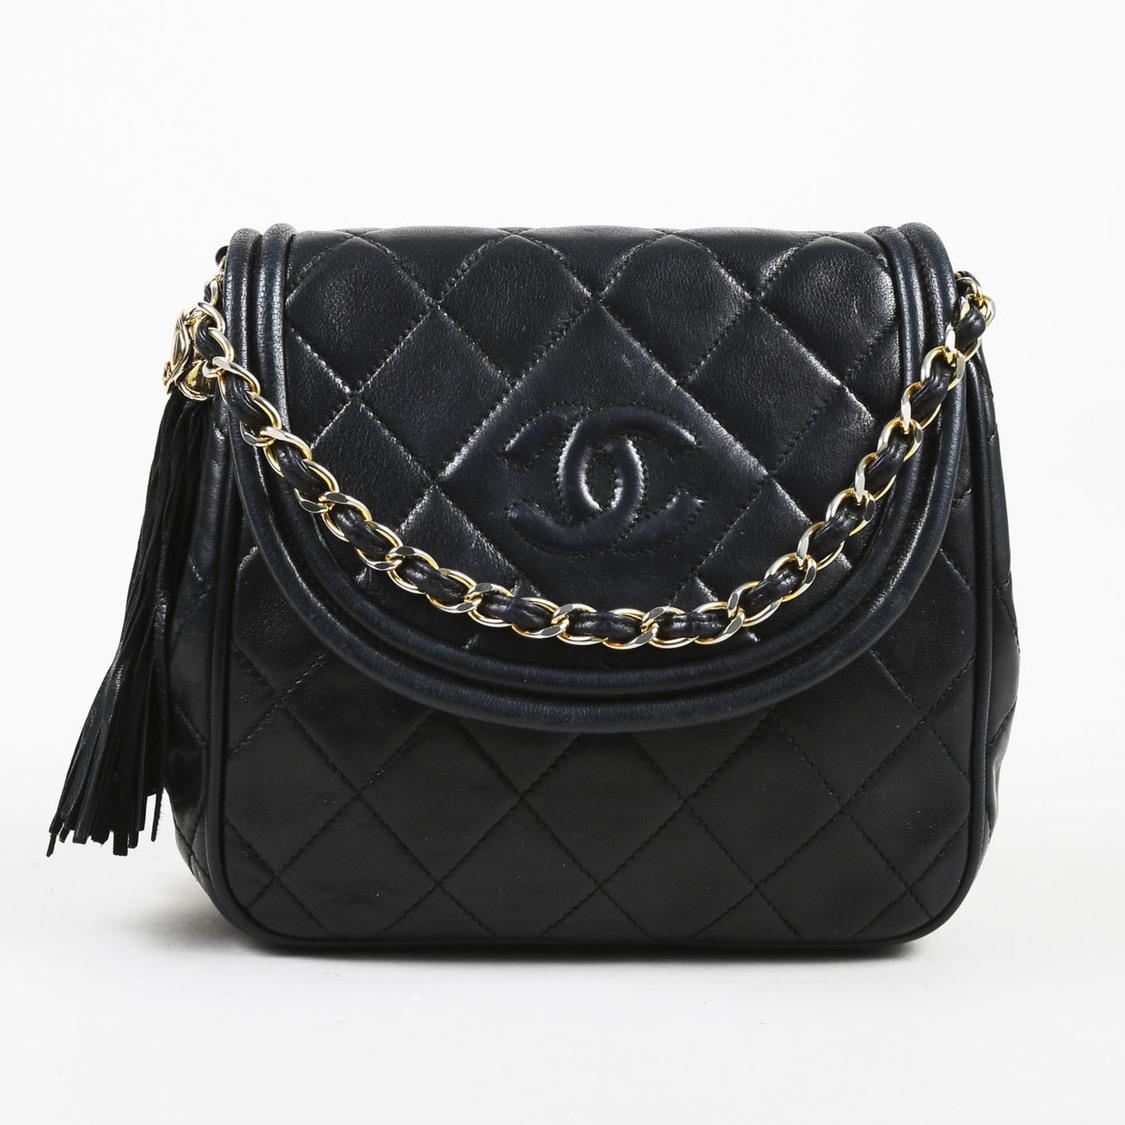 3a7f8d2971b0ce Chanel Vintage Black Quilted Lambskin Leather Fringe Tassel Shoulder ...